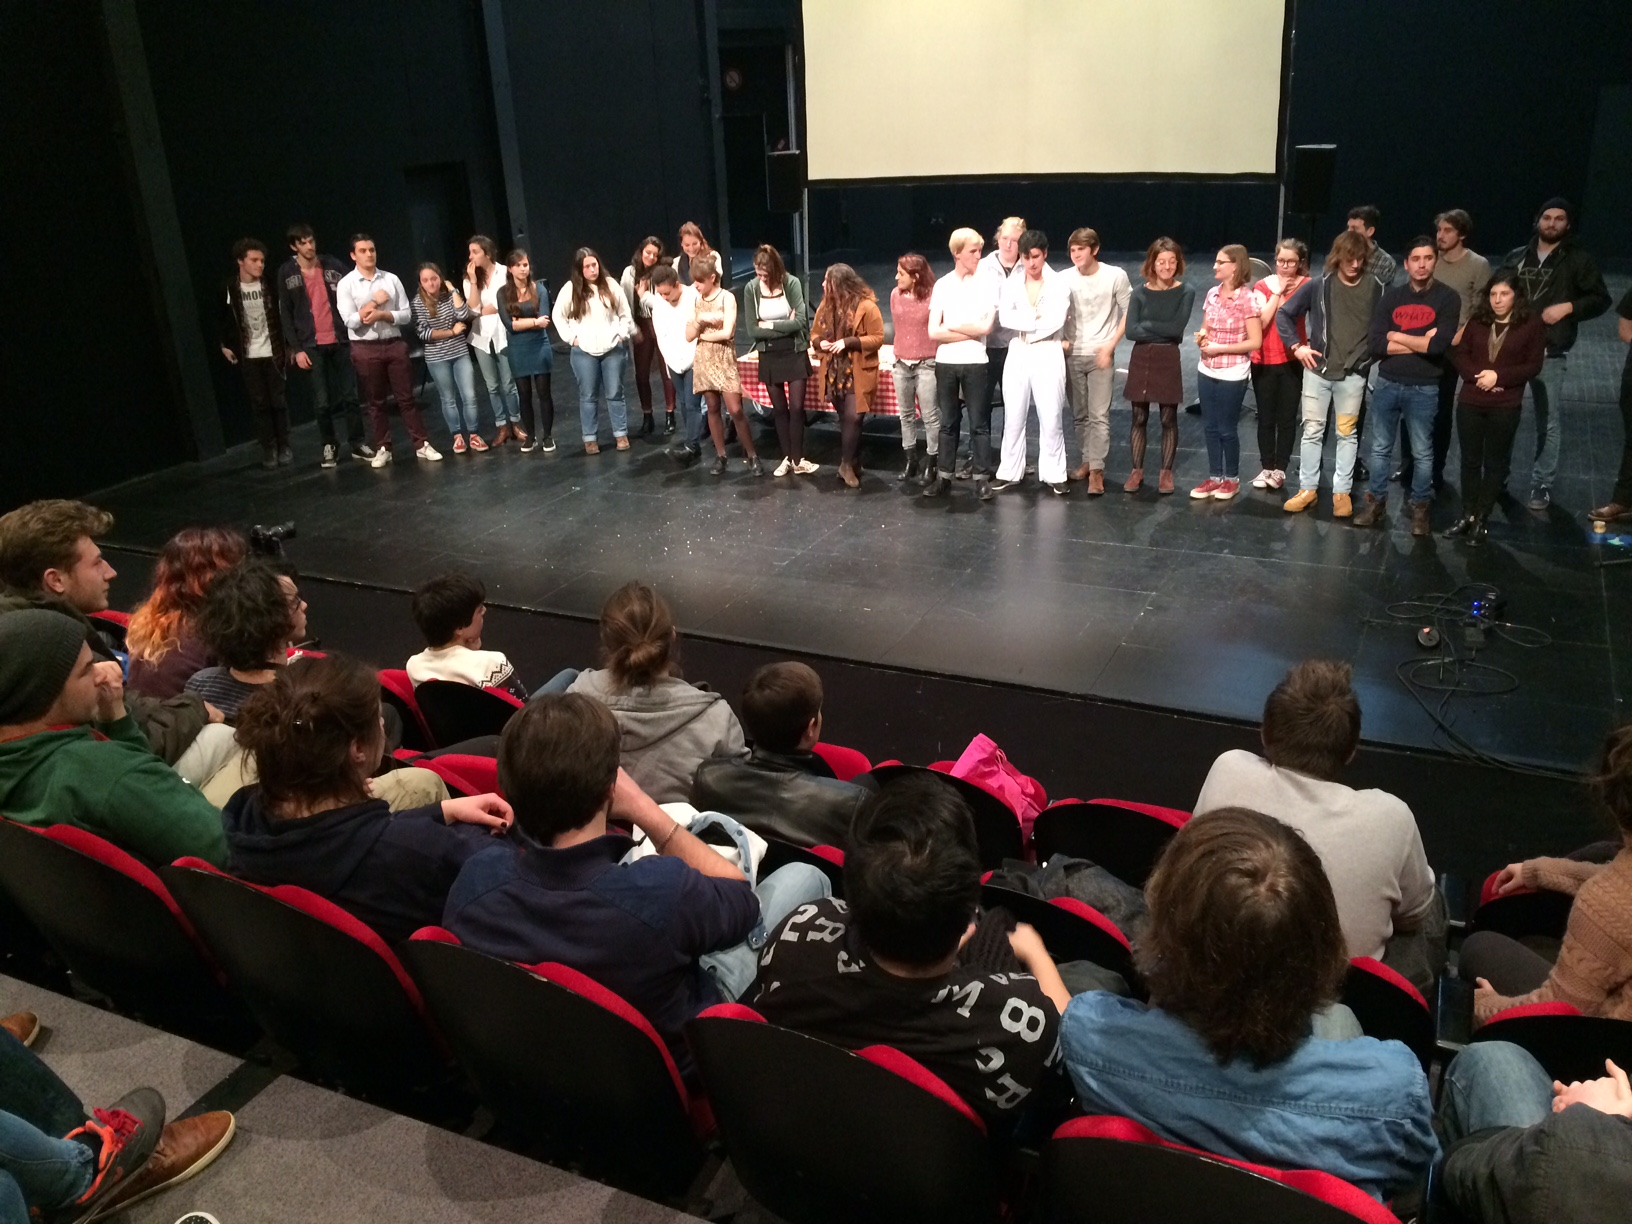 Présentation de travail au Théâtre des Cordes par les étudiants en L1 Arts du spectacle